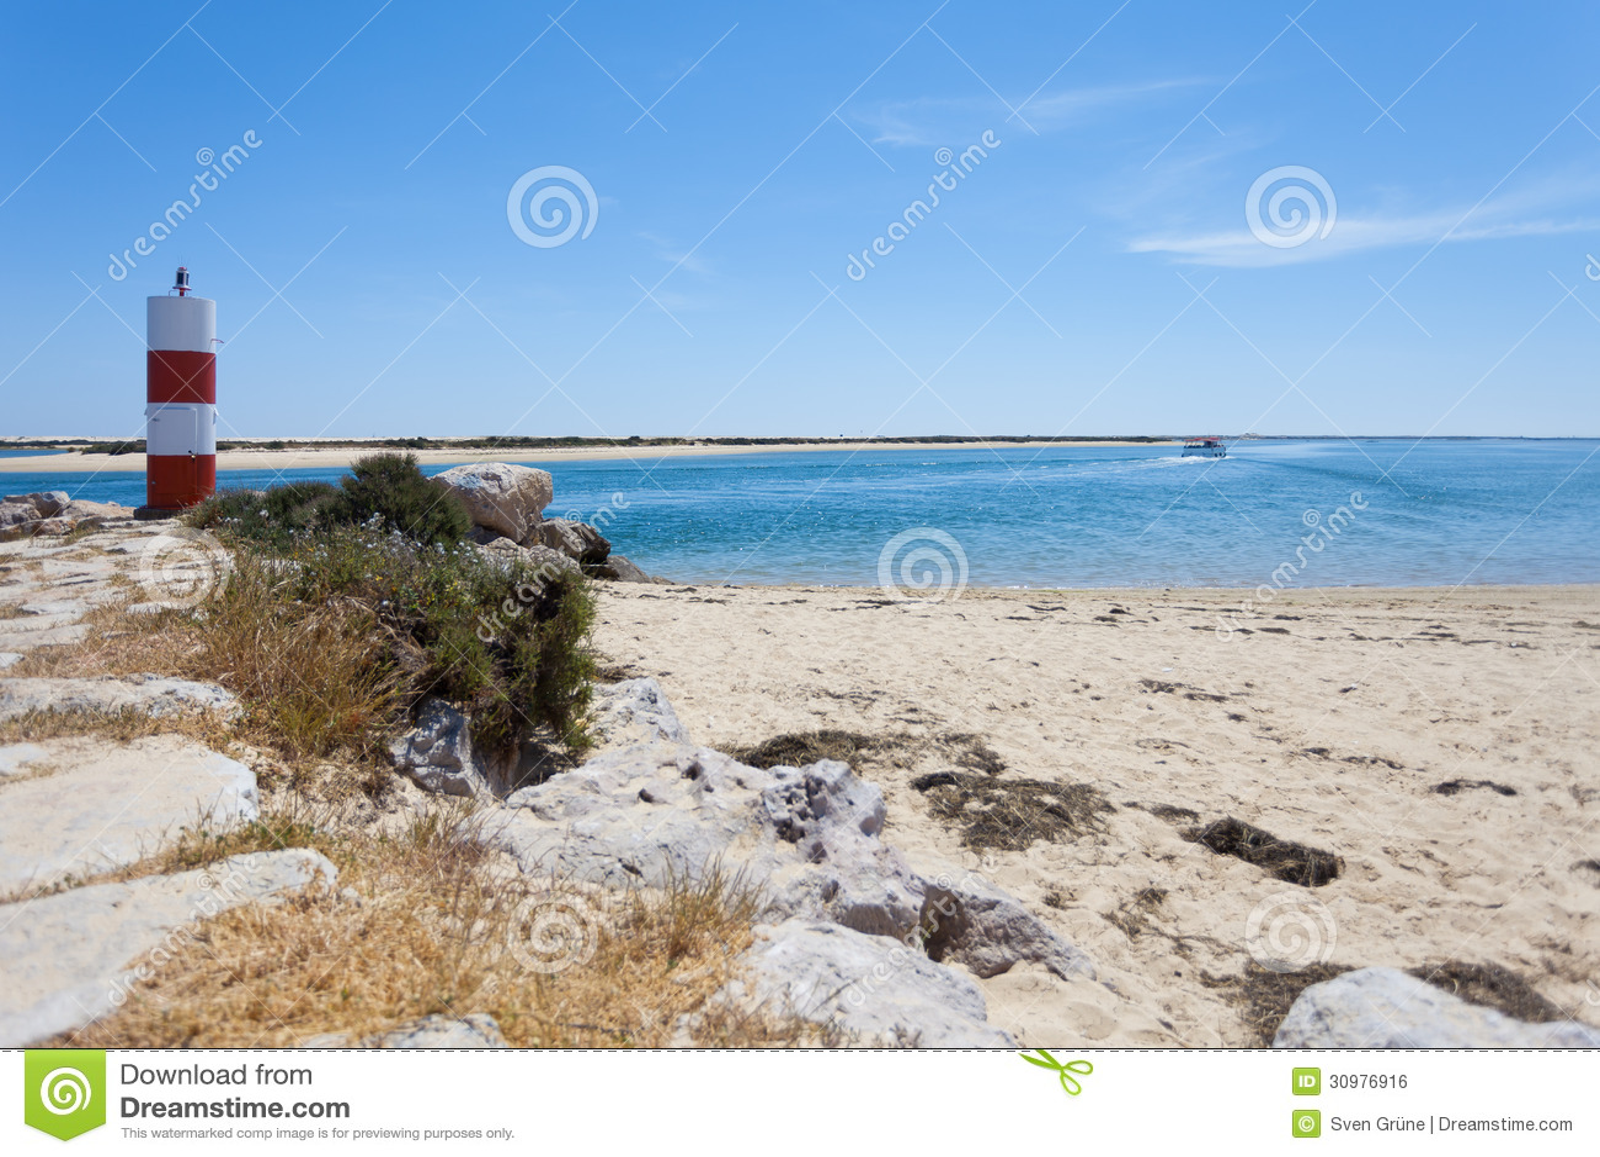 Download Portugal - Fuseta stockfoto. Bild von düne, frech, landschaft - 30976916